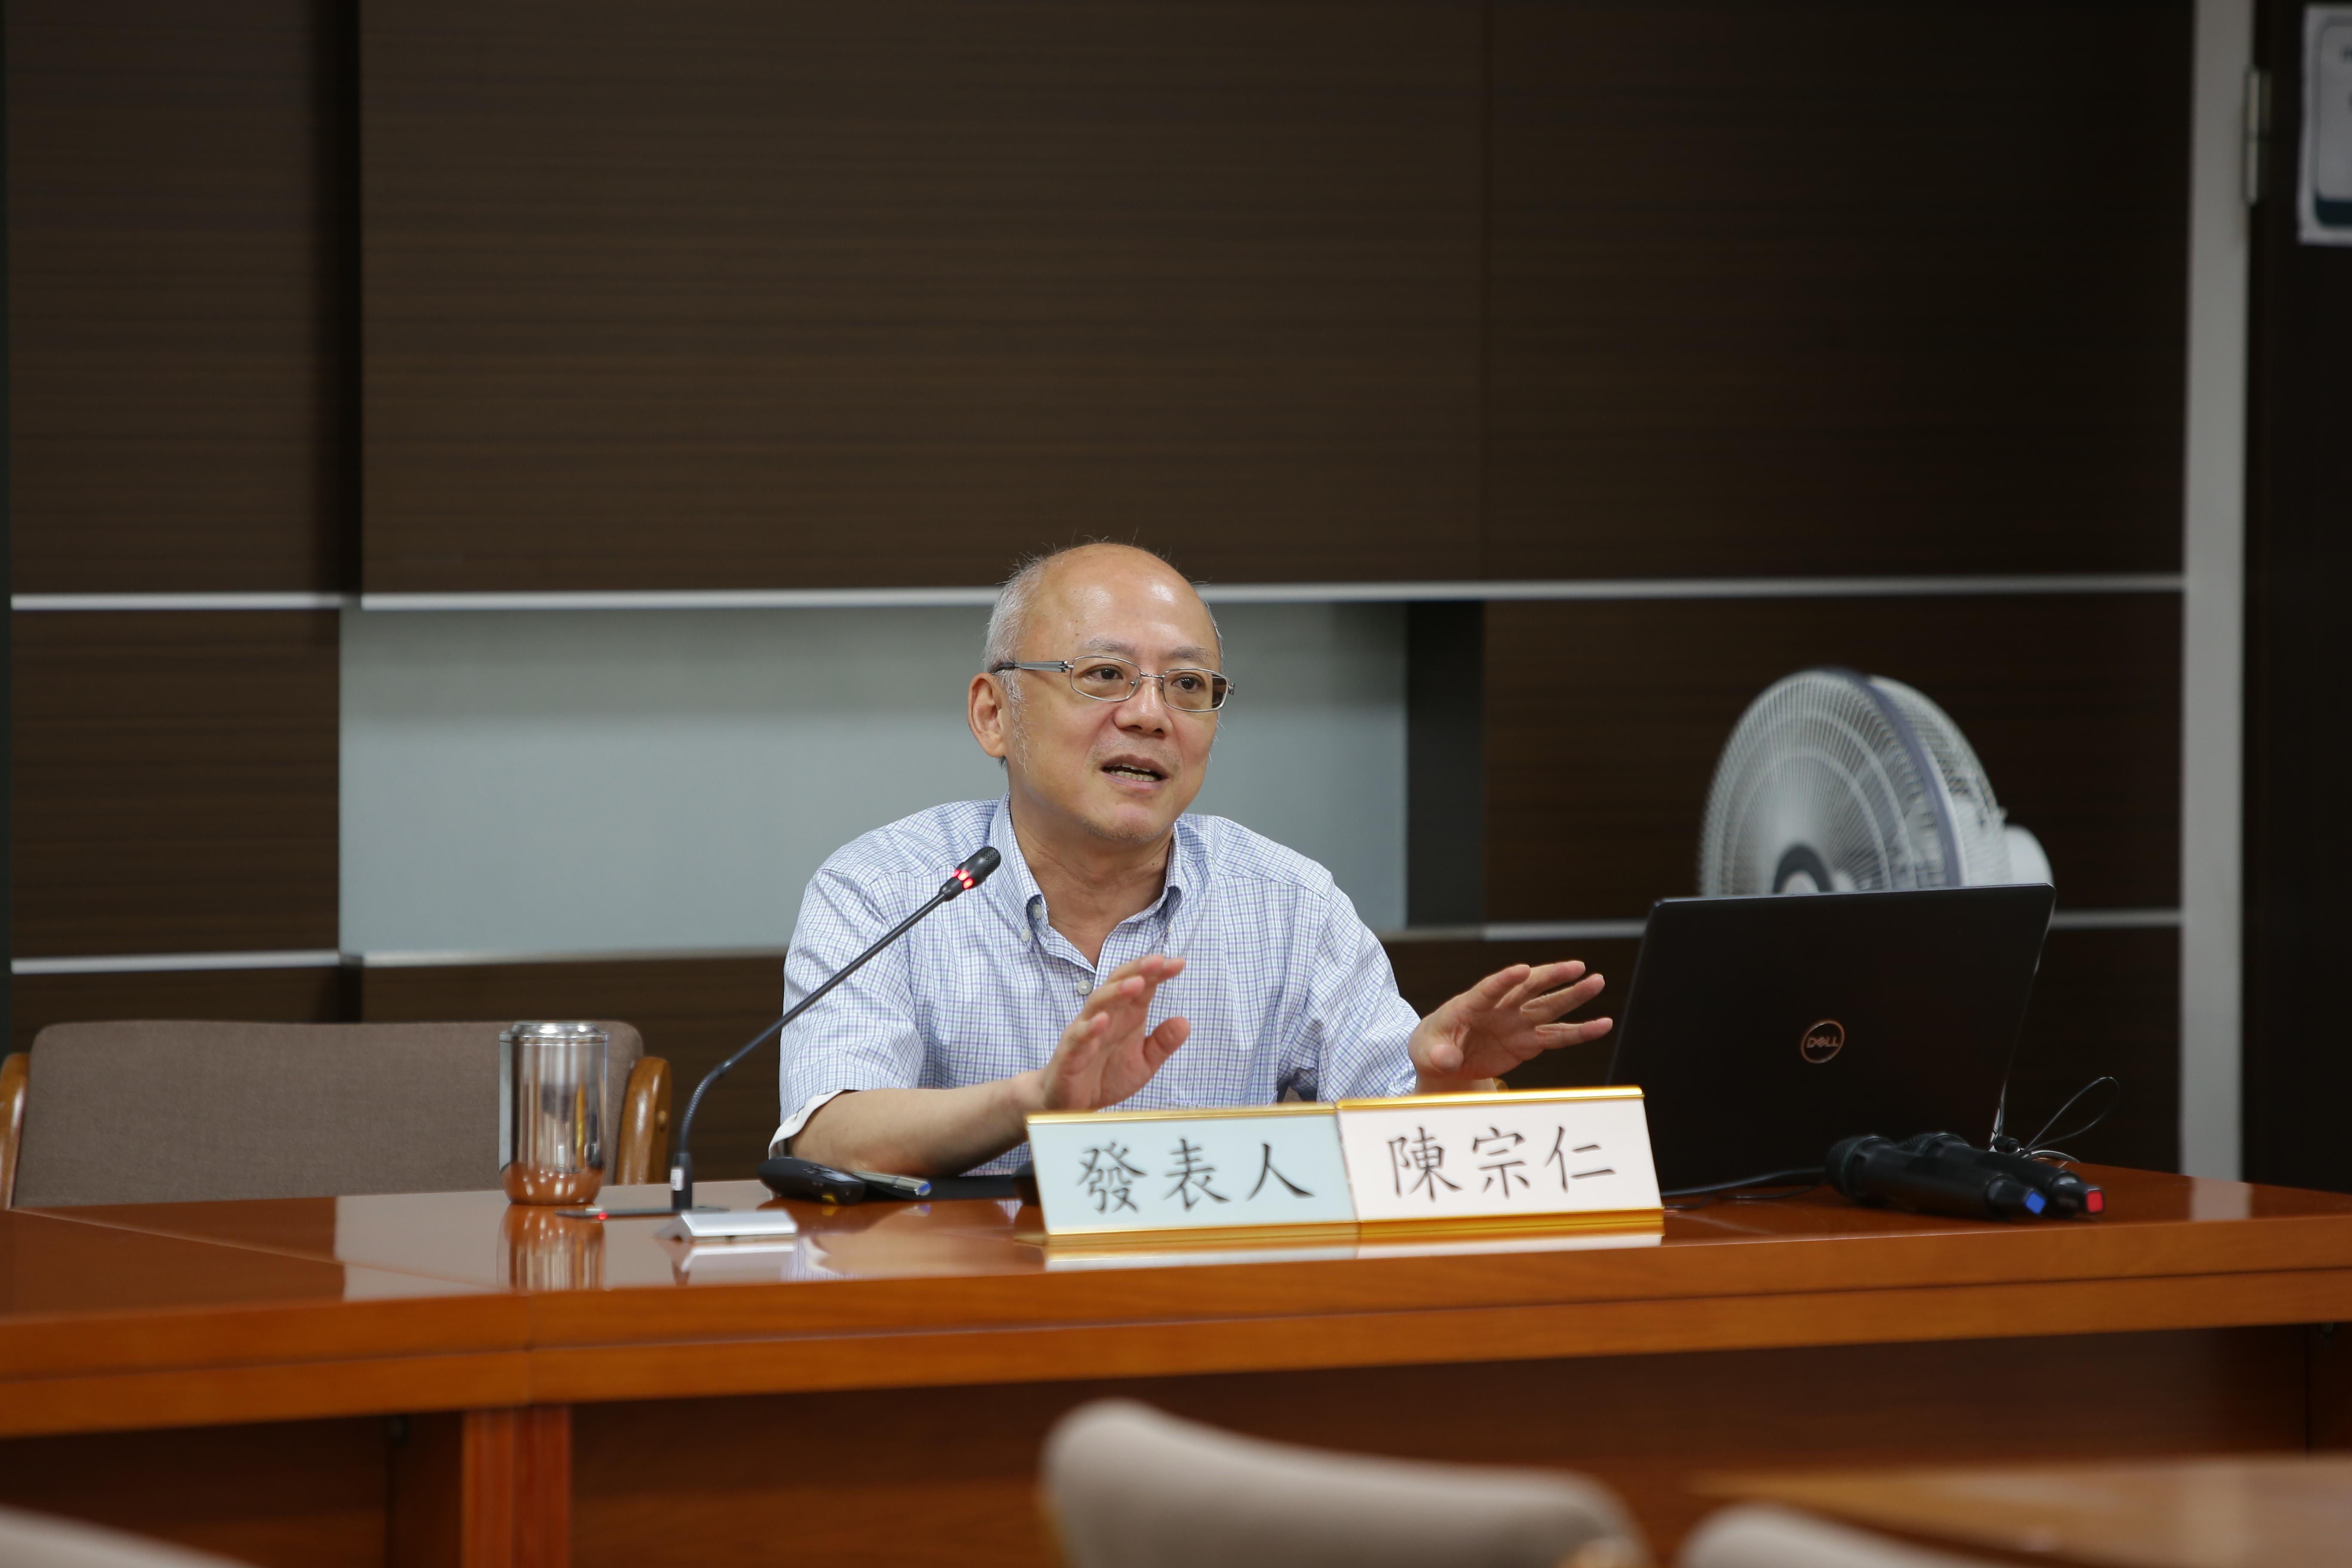 陳宗仁教授演講「Selden map有關臺灣的描繪及其知識來──兼論北港與加里林的位置與地緣意涵」紀要